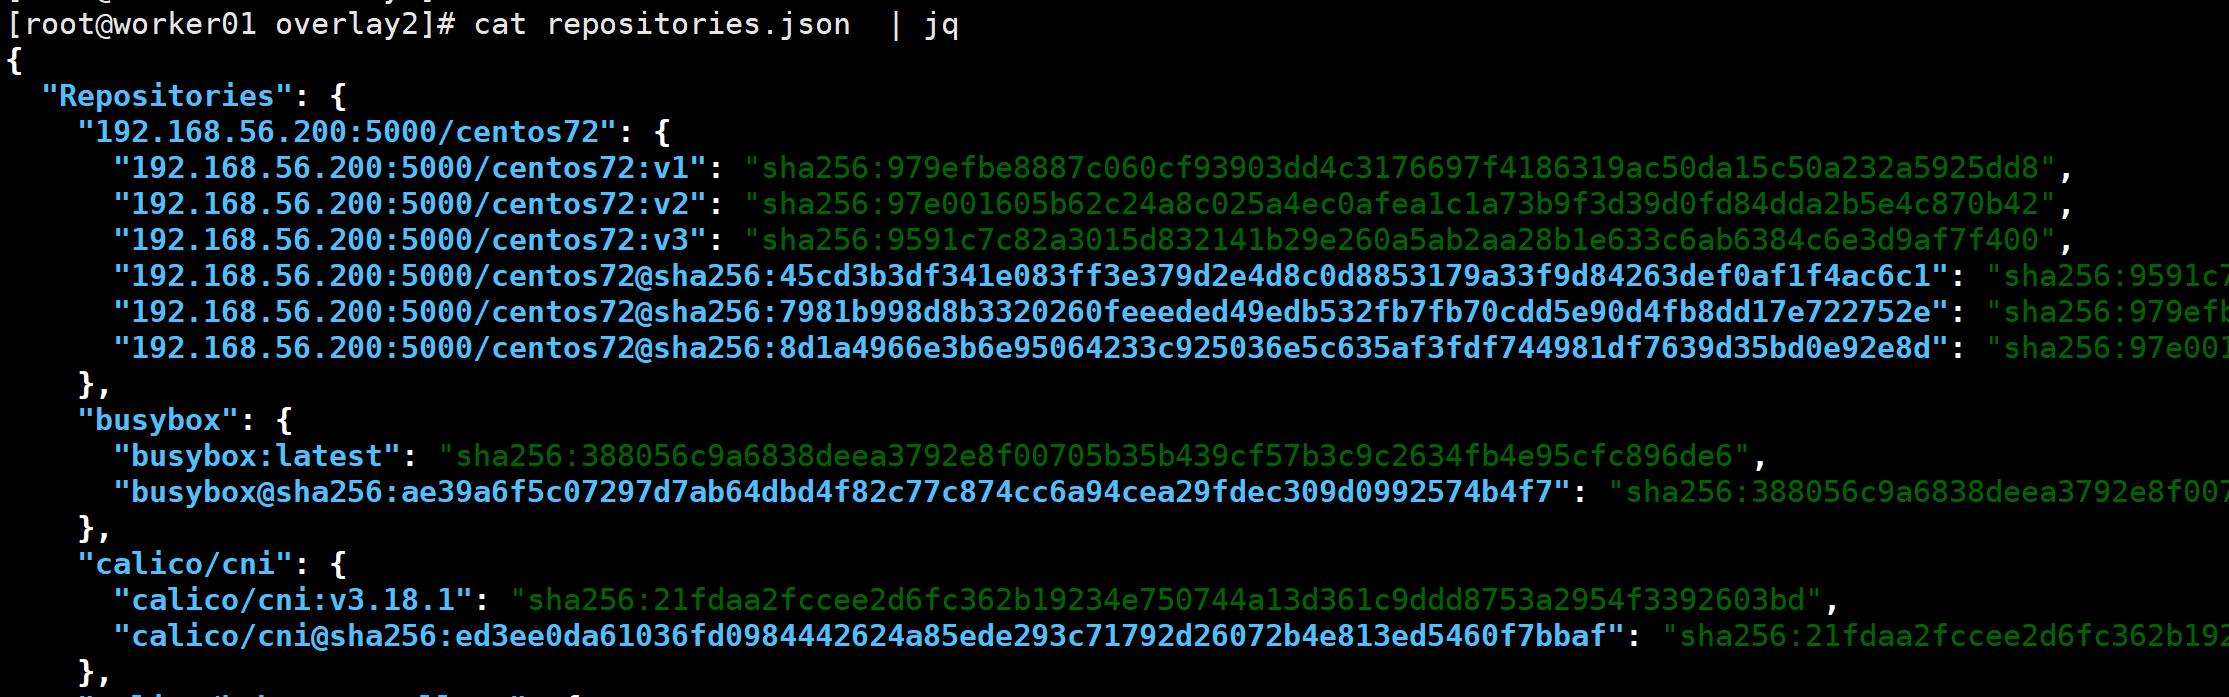 深入理解 Docker 容器镜像分层的原理插图(4)